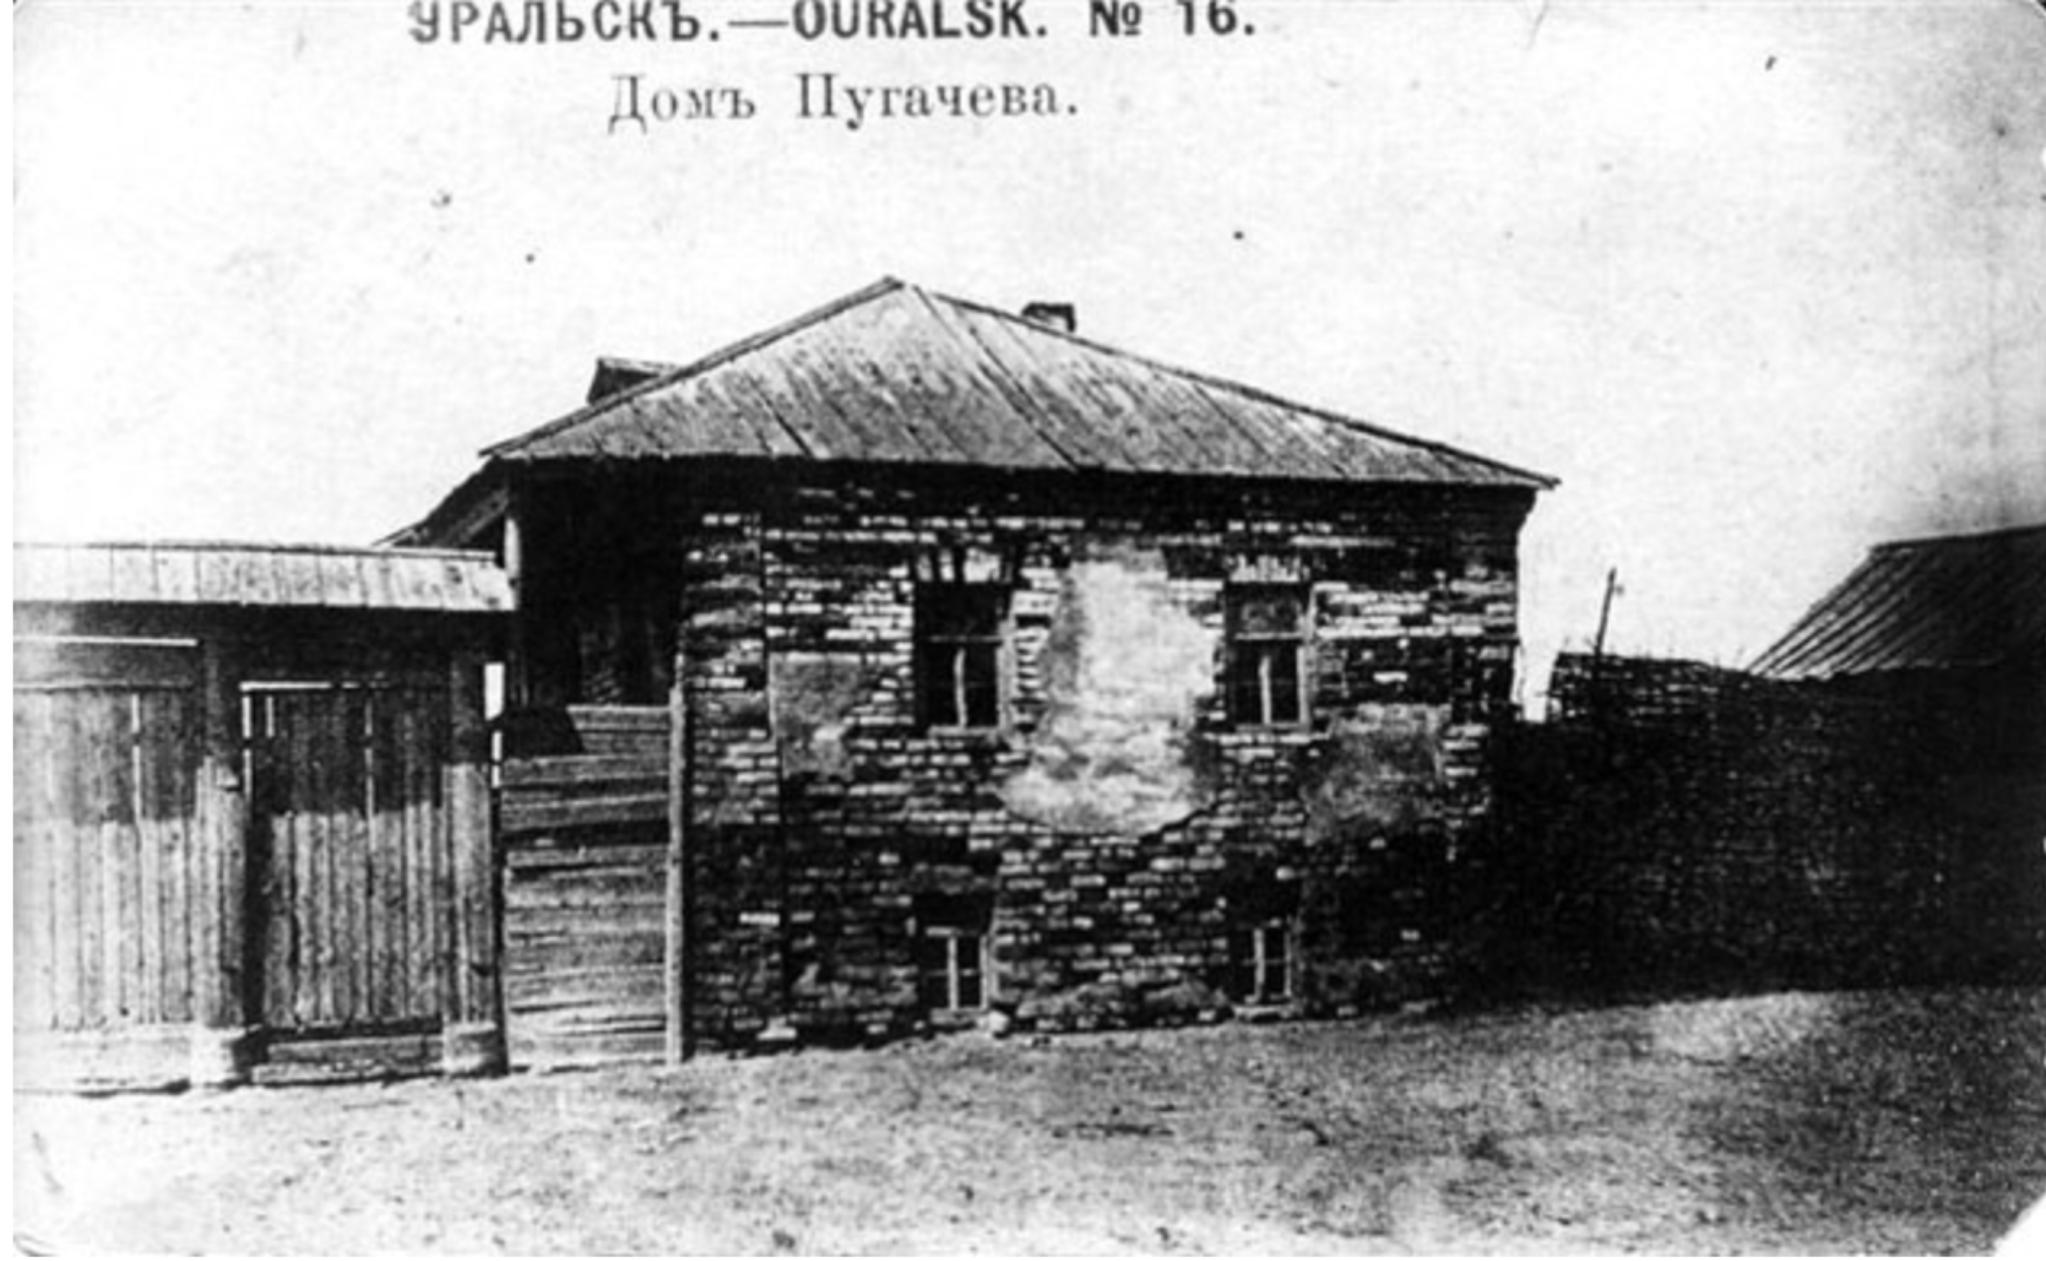 Дом Пугачева